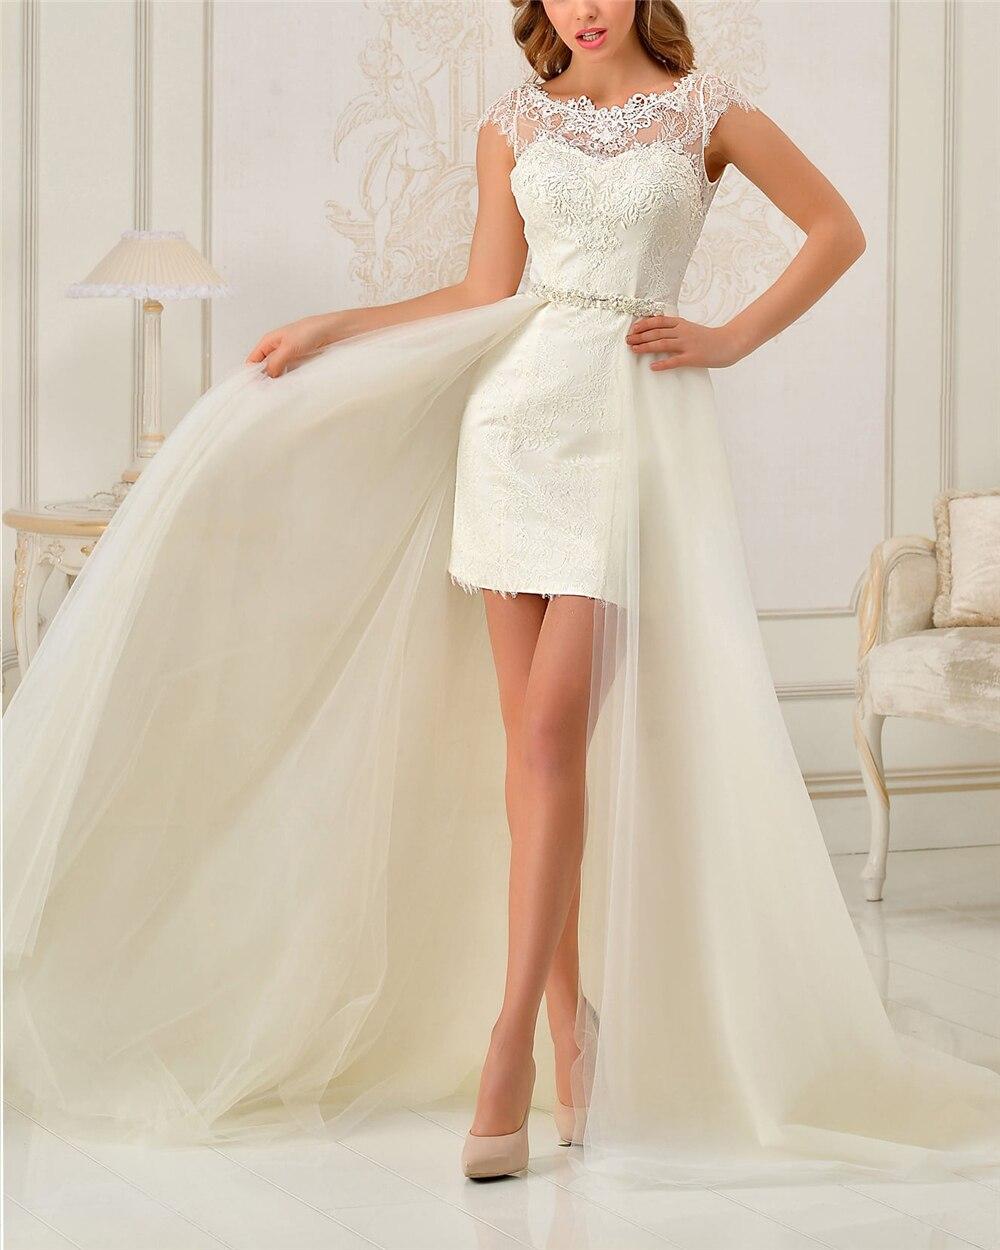 Ivory Lace Tulle Wedding Dresses Applique Open Back Cap Sleeves Detachable Skrit Sashes Appliques Bridal Dress Vestido De Noiva